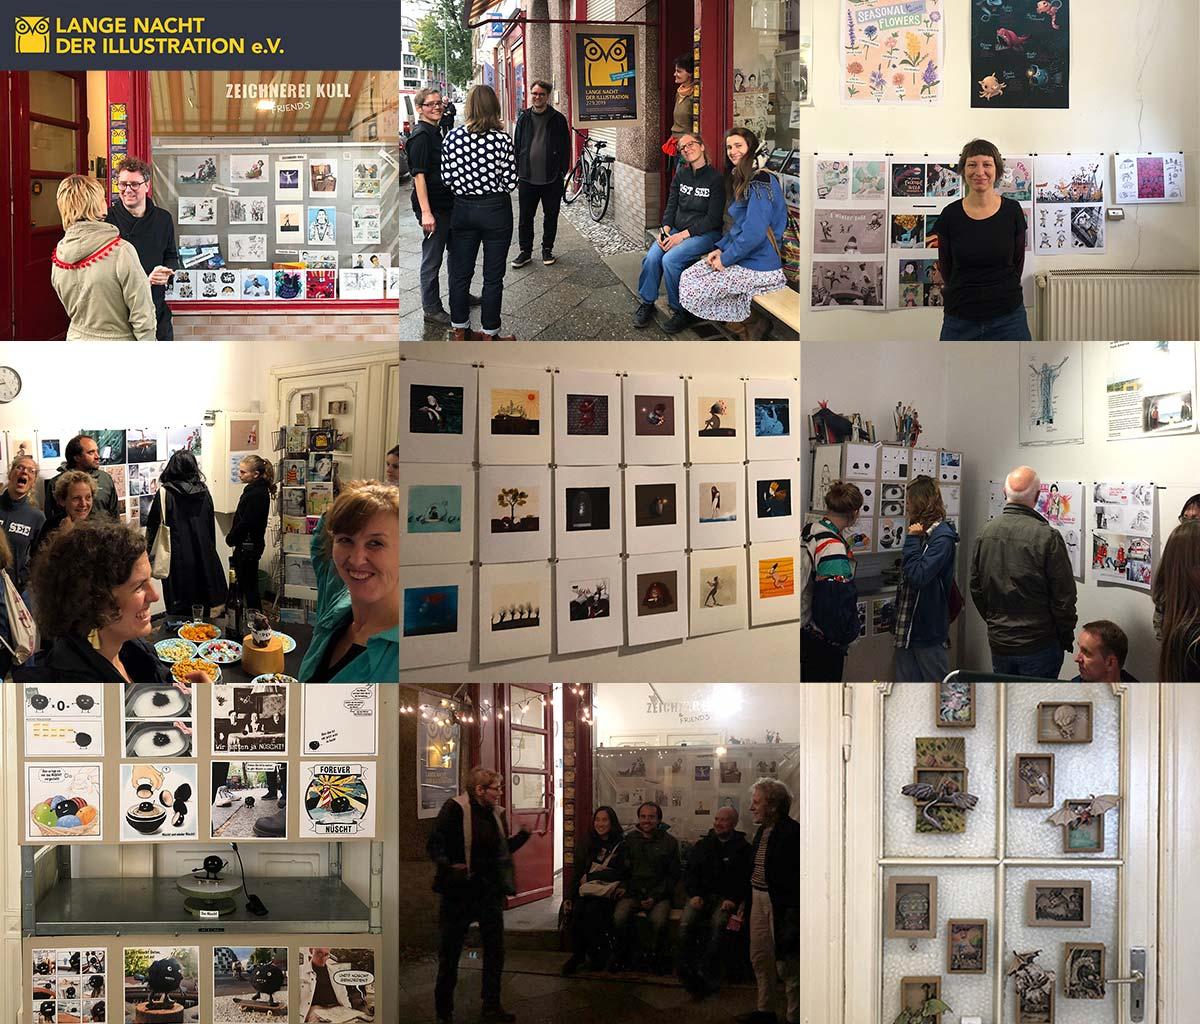 lange-nacht-der-illustration-zeichnerei-kull-heidi-exhibition-schaufenster-kinderbuch-childrensbook-illustration-dorothea-blankenhagen-berlin.jpg